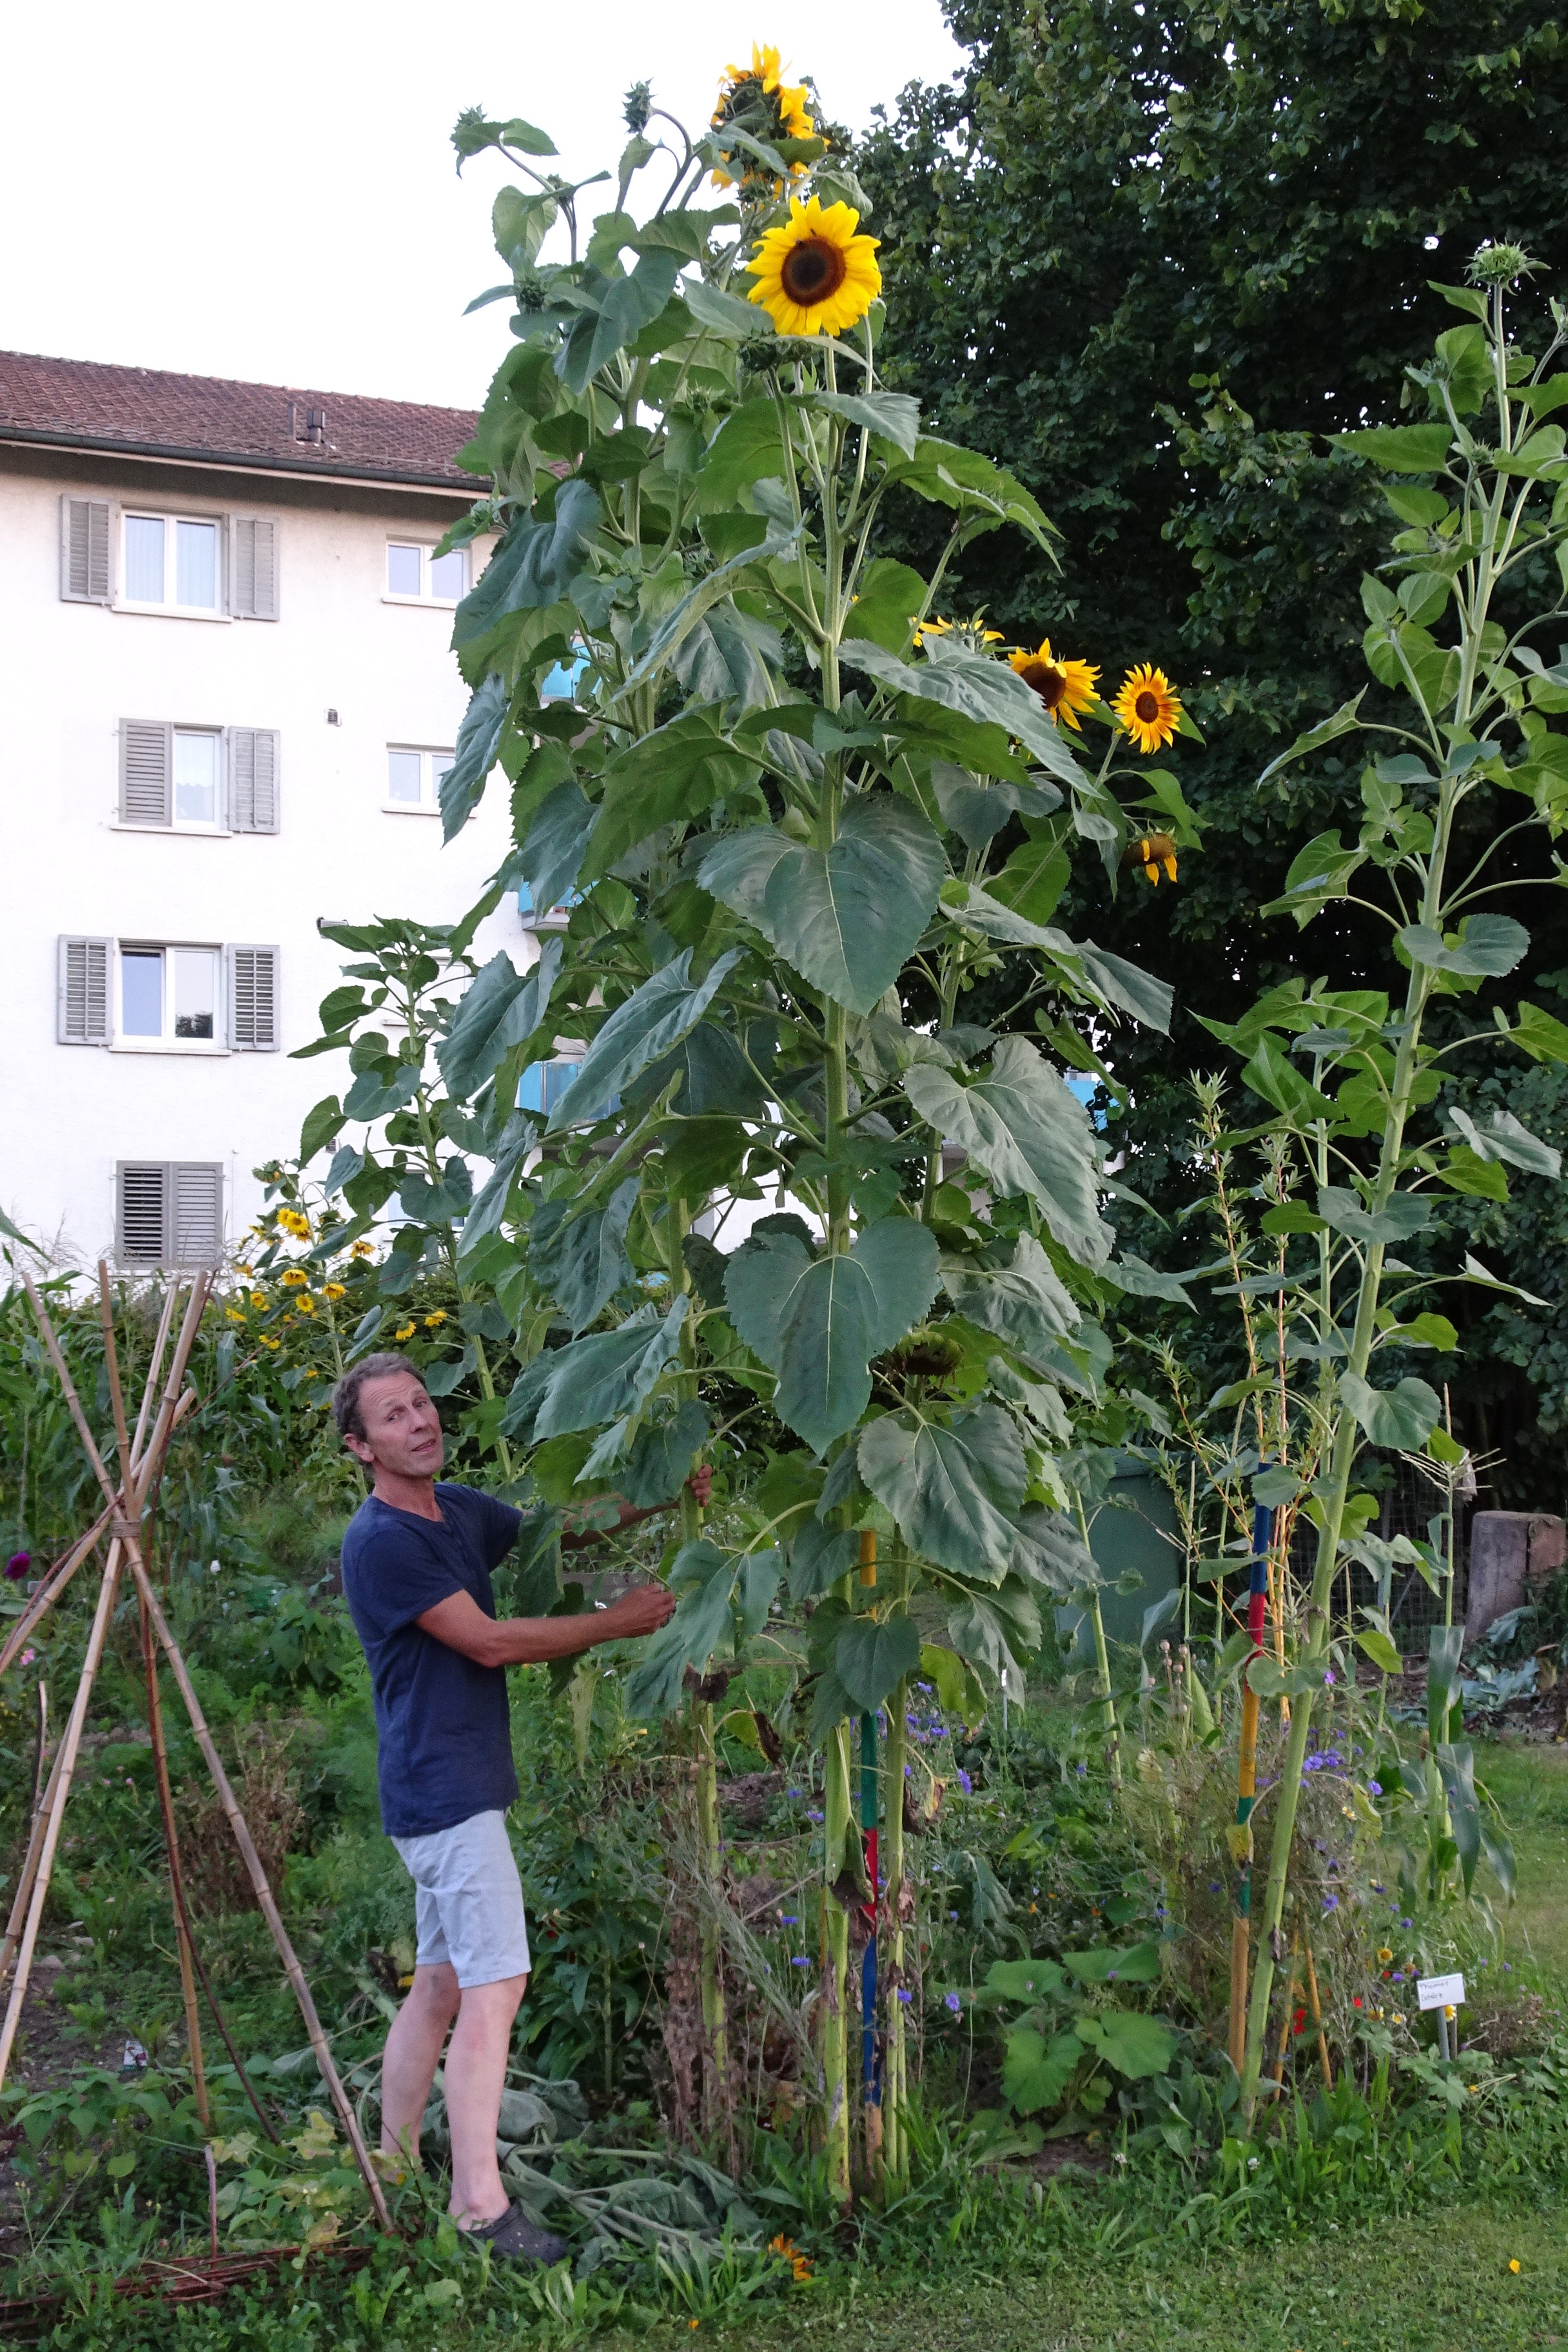 2020-08-06 Thomas, Ogif, Sonnenblume